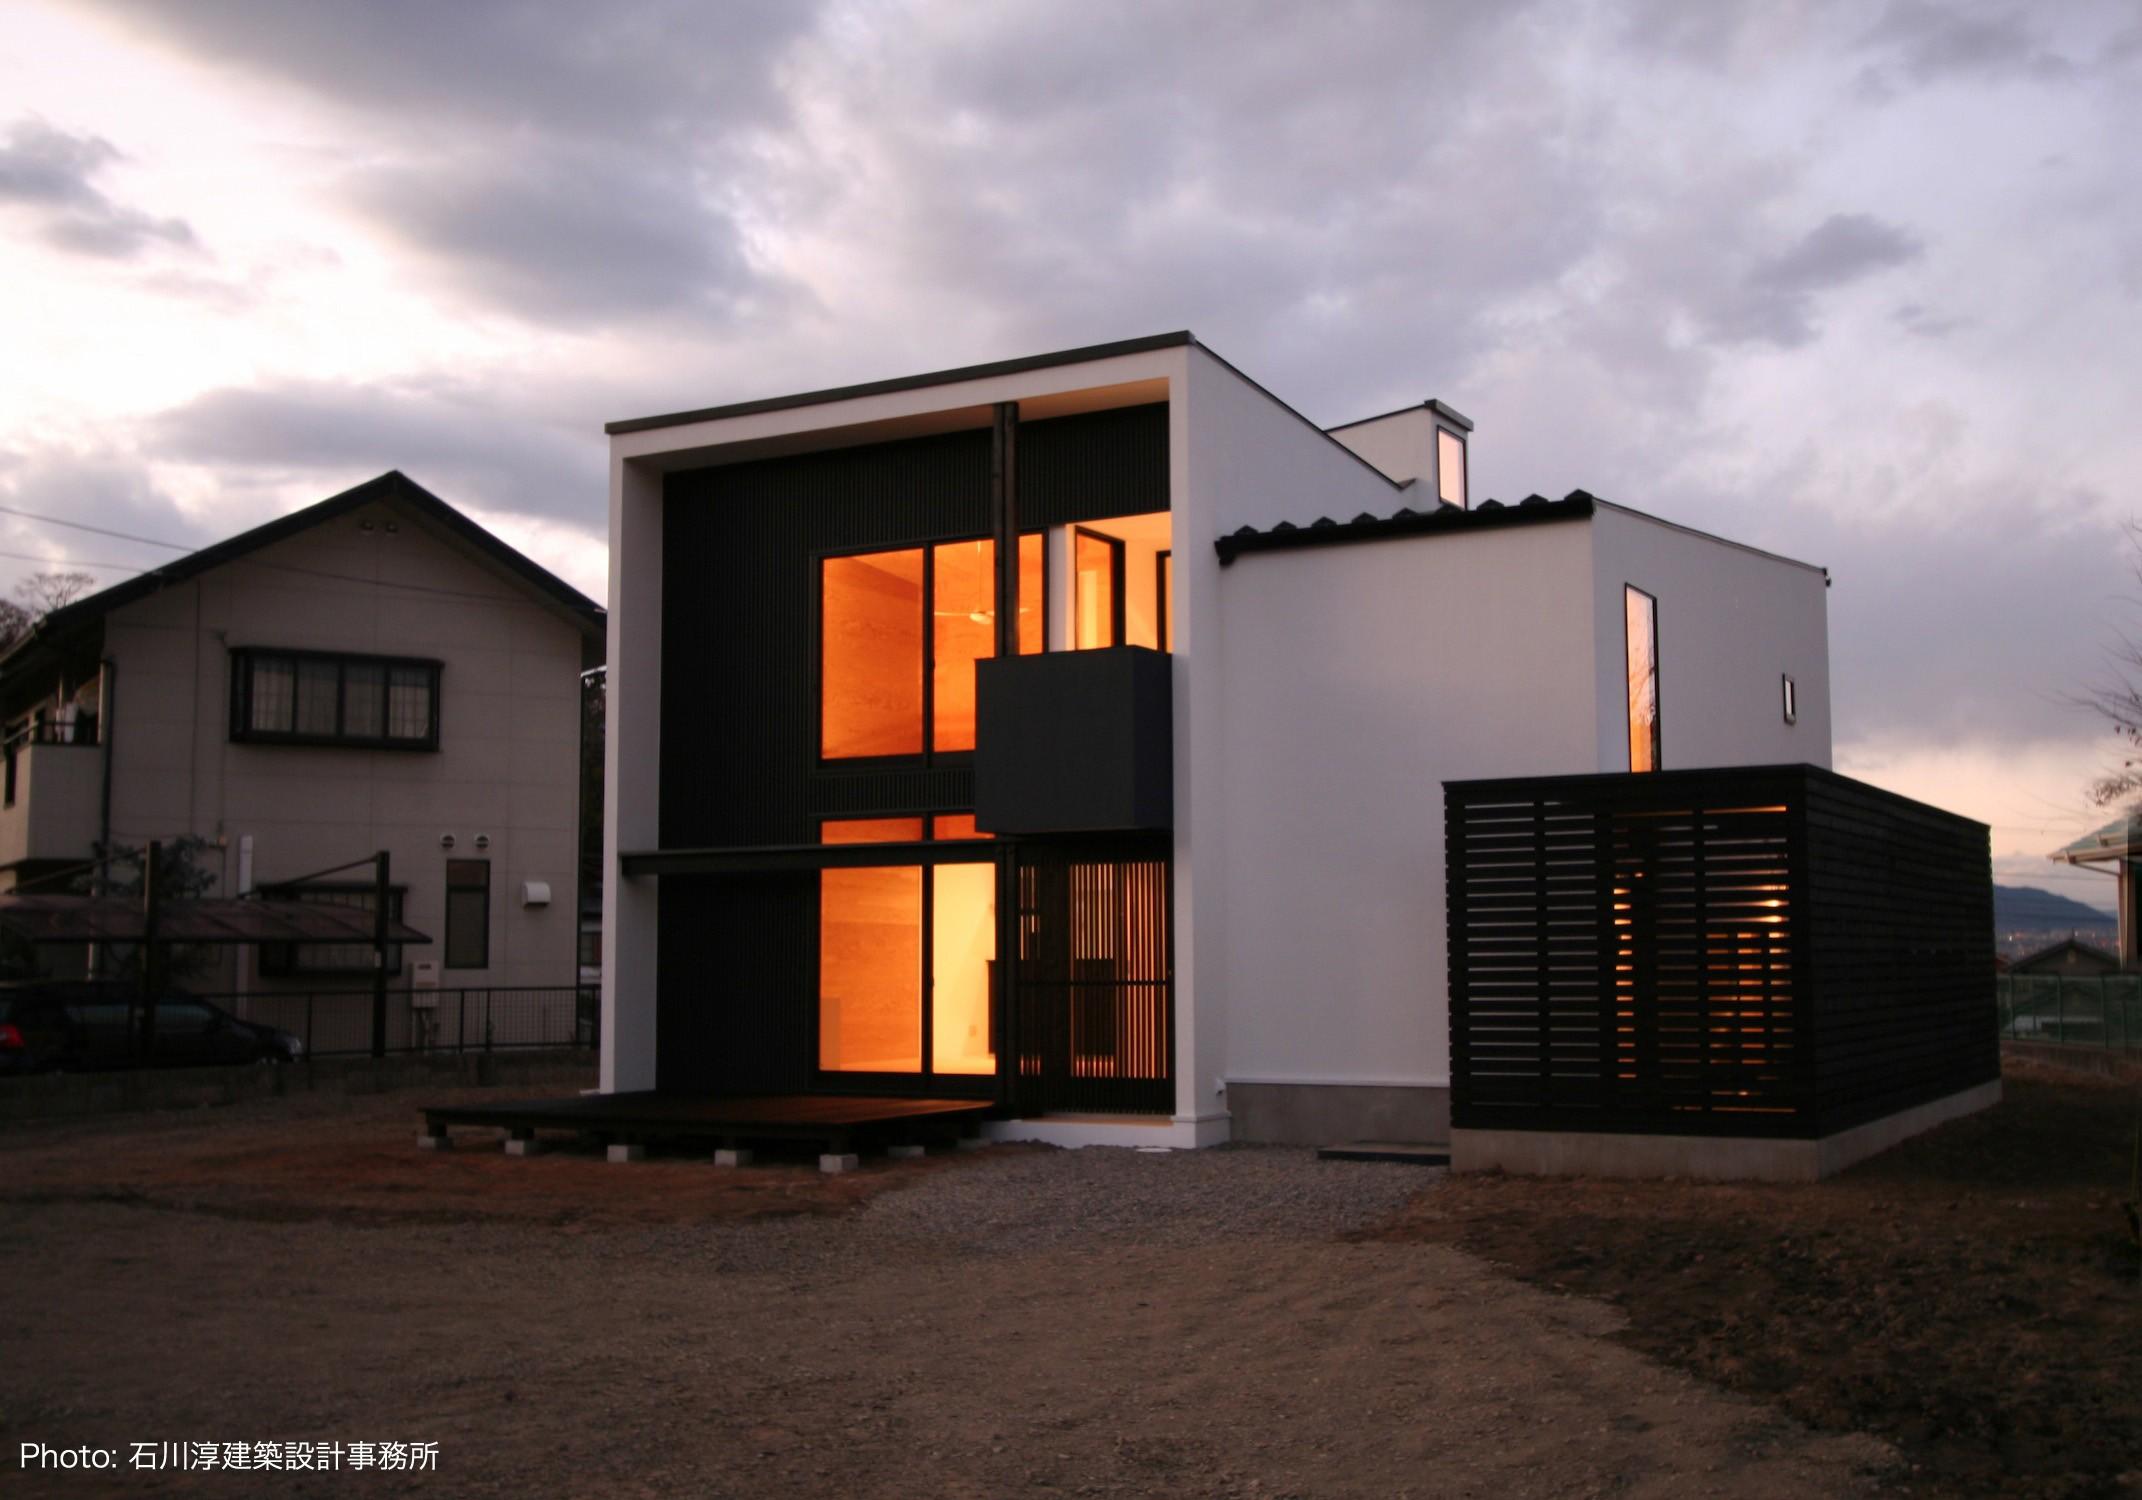 外観事例:甲府のハコ型の家(デザイン住宅外観いろいろ)